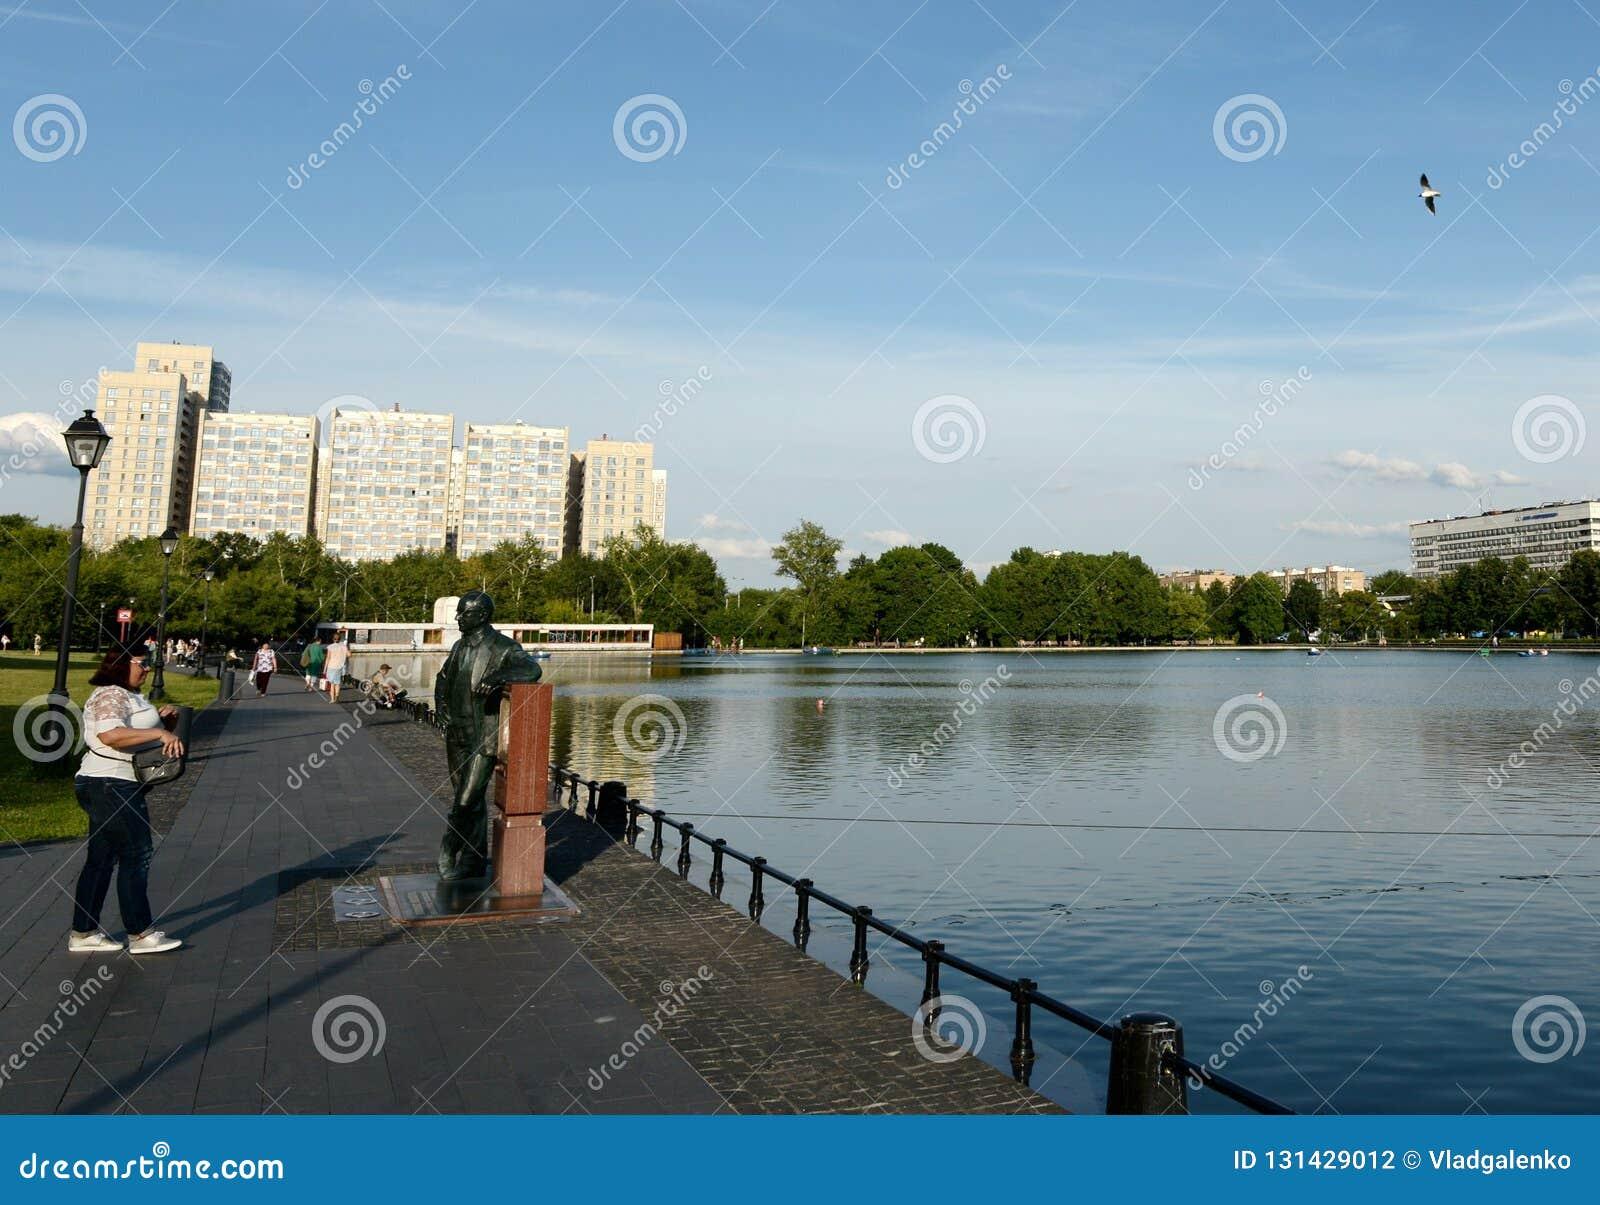 Unbekannte Frau am Monument zum Erfinder des Fernsehens Vladimir Zvorykin auf der Bank des Ostankino-Teichs